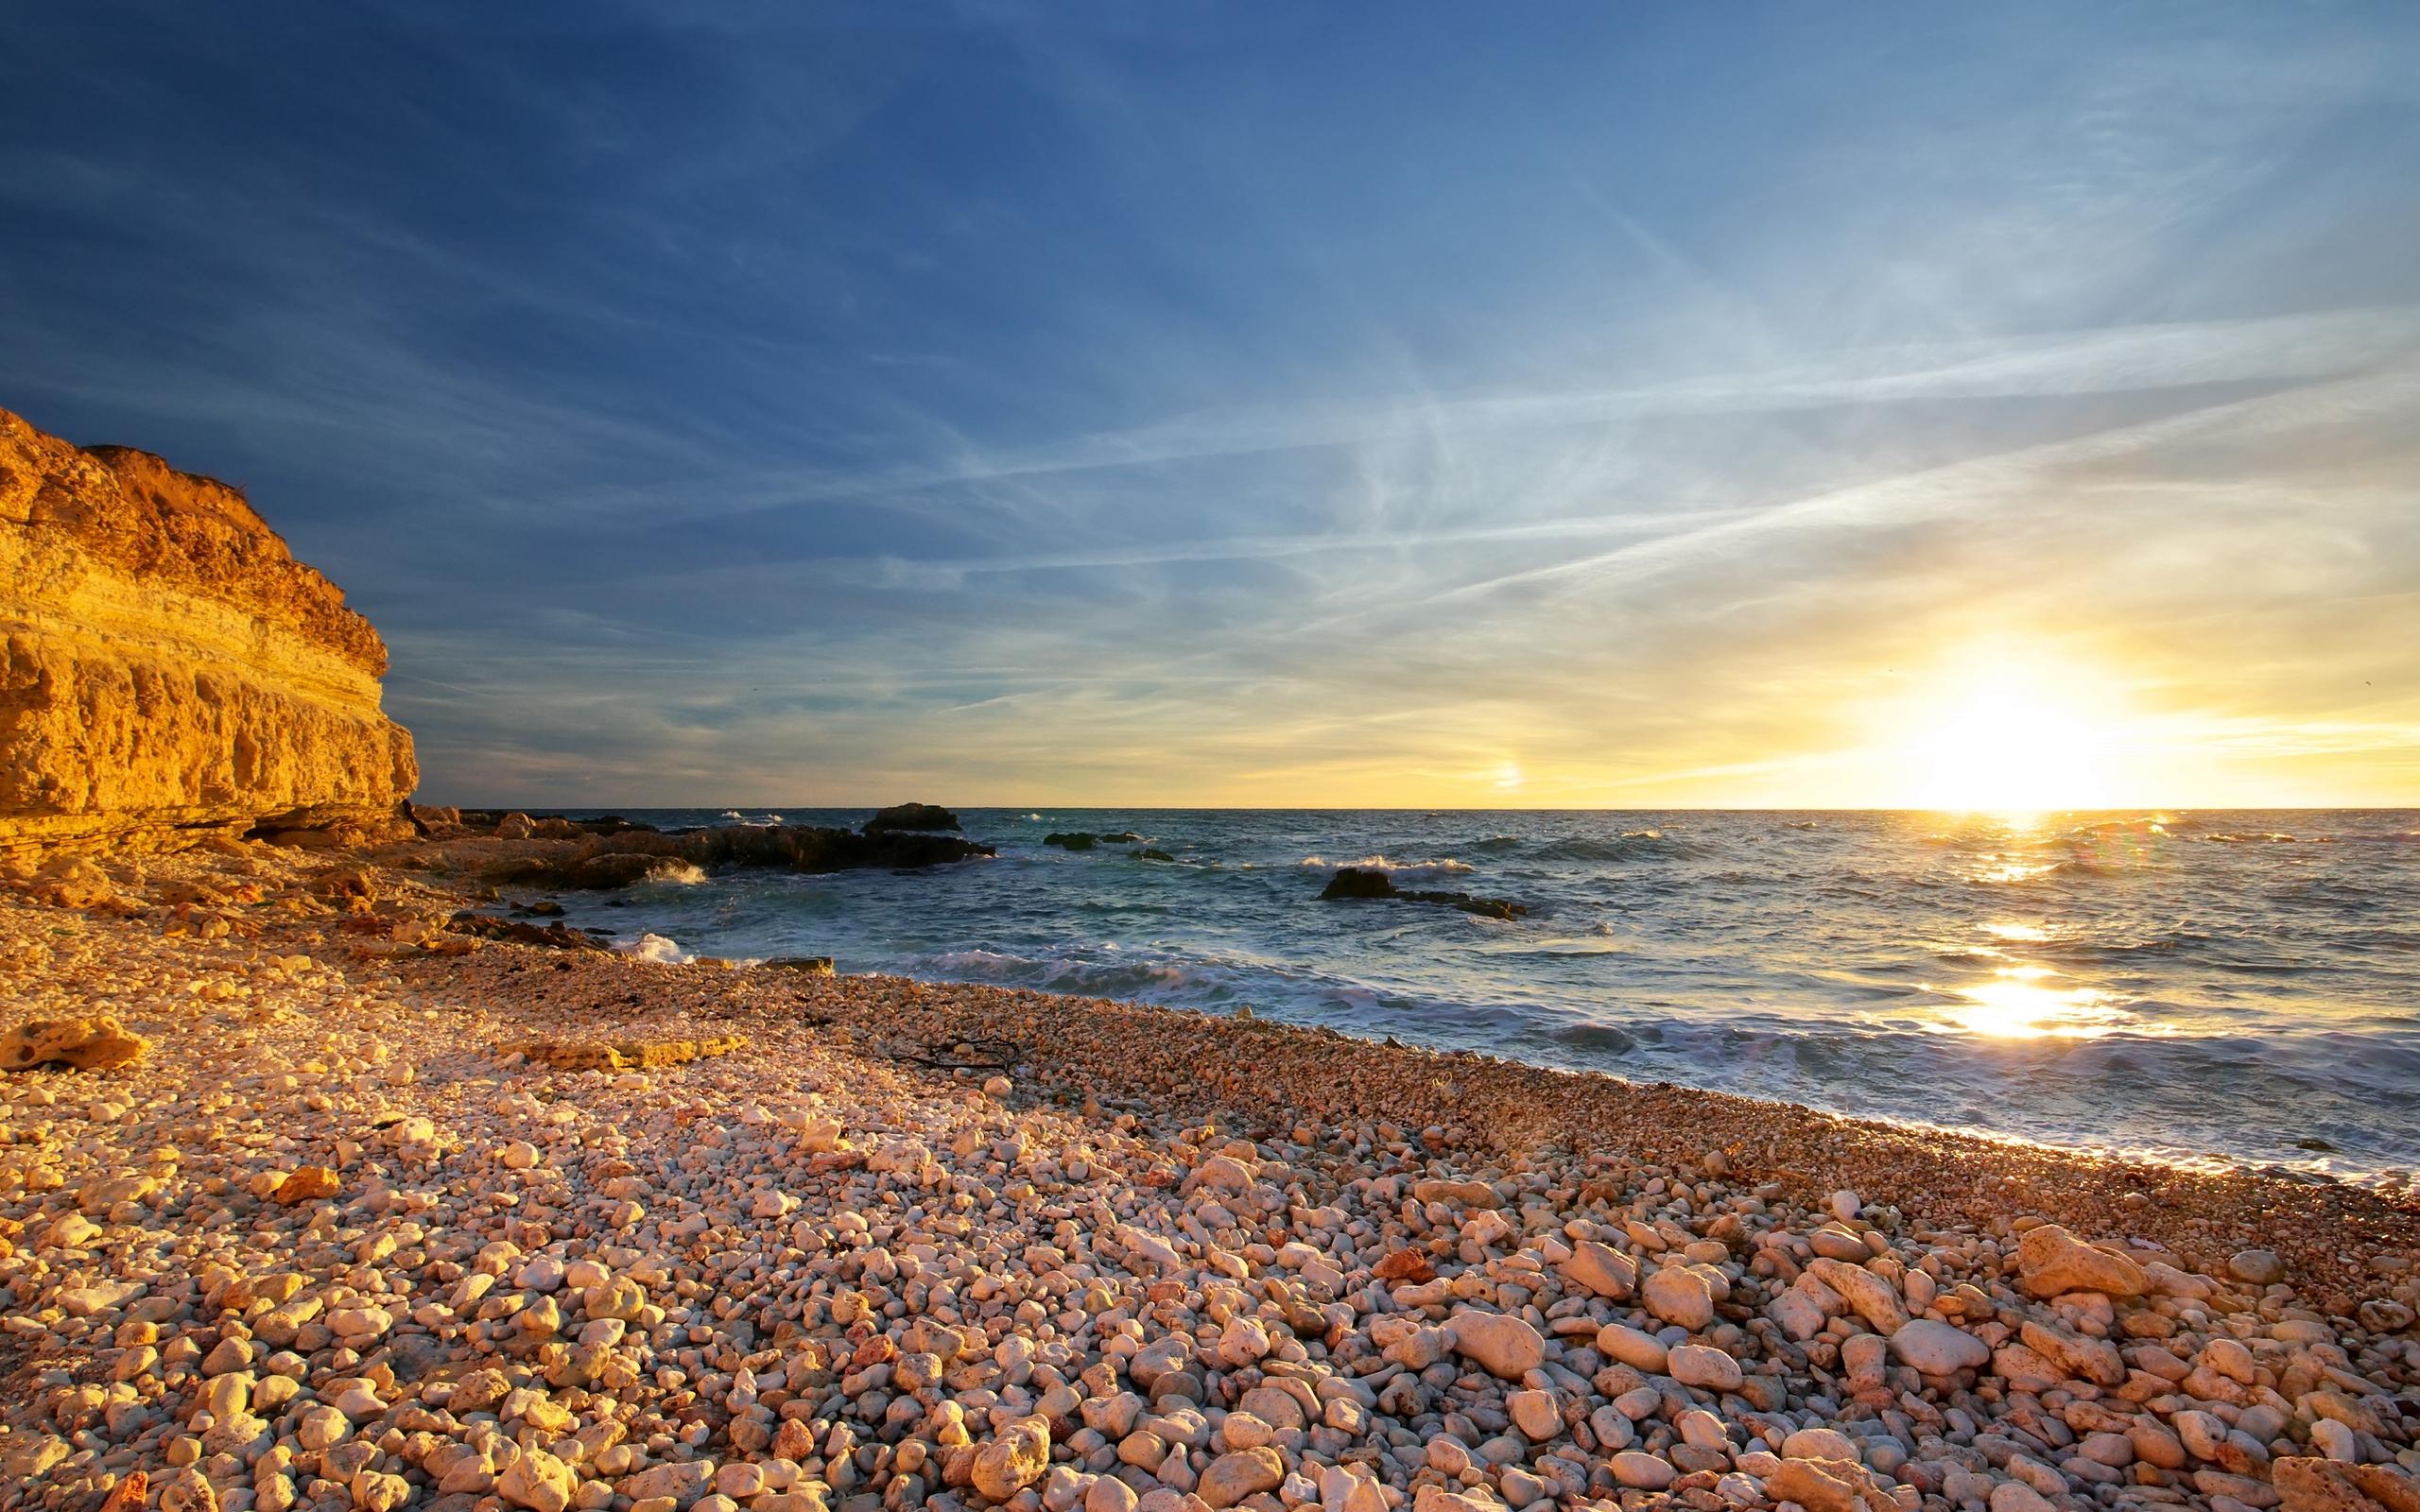 пляж берег камни море  № 1955911  скачать